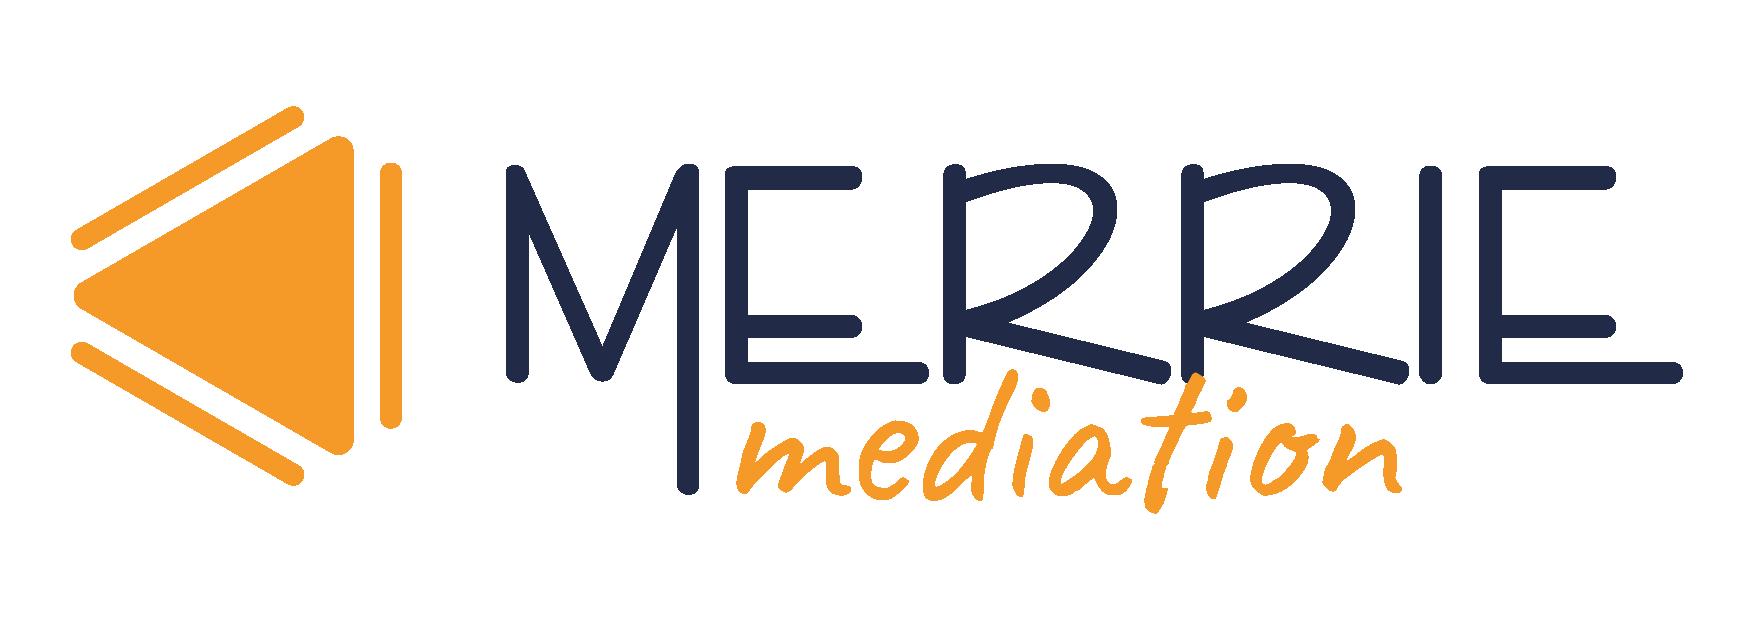 Merrie Mediation